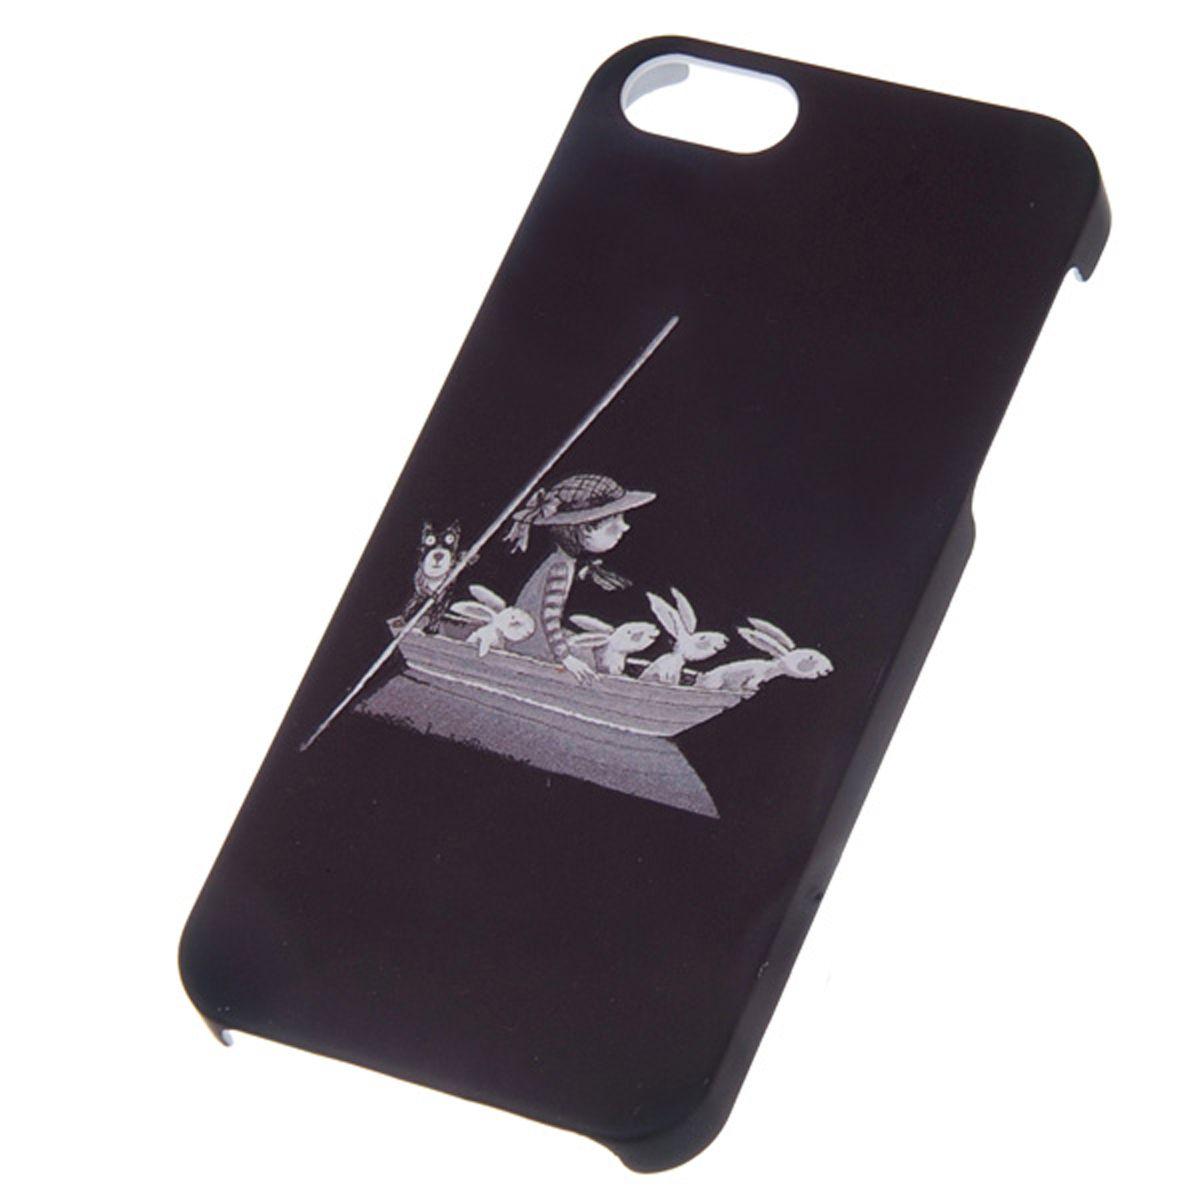 Mitya Veselkov чехол для Apple iPhone 5/5s (KAFKAFIVE-16)KAFKAFIVE-16Превосходный чехол для Apple iPhone 5 - для любителей заметных аксессуаров. Накладка придаст Вашему телефону индивидуальность и послужит прекрасной защитой от ударов и царапин.